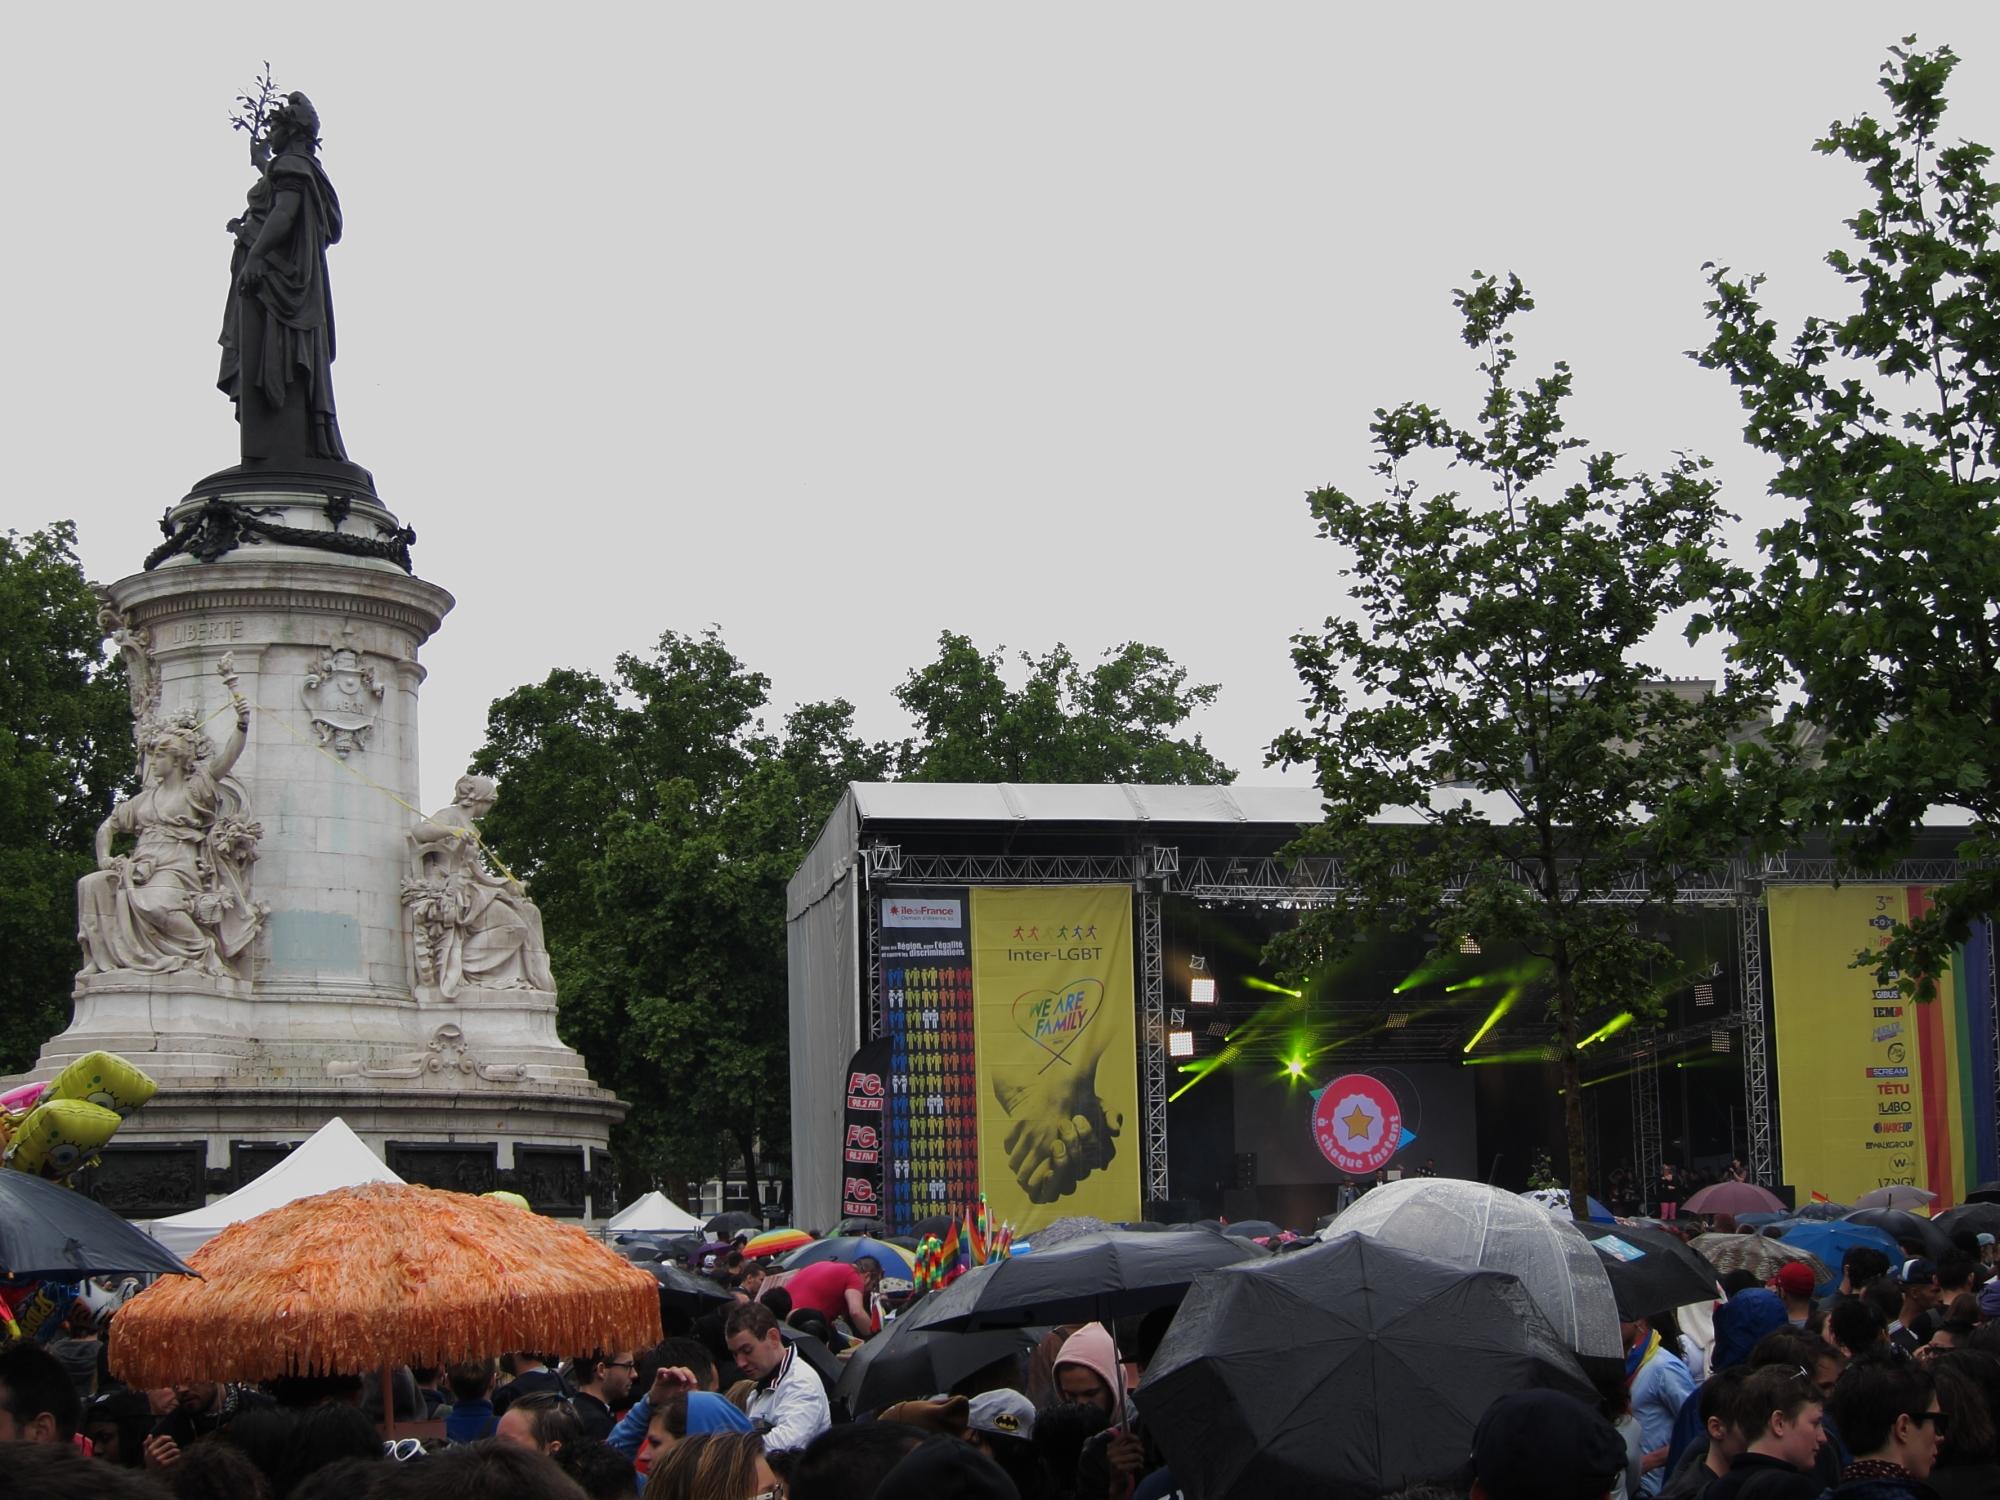 At the end of the 2014 Paris Pride Parade (Marche des Fiertés), at Place de la République.